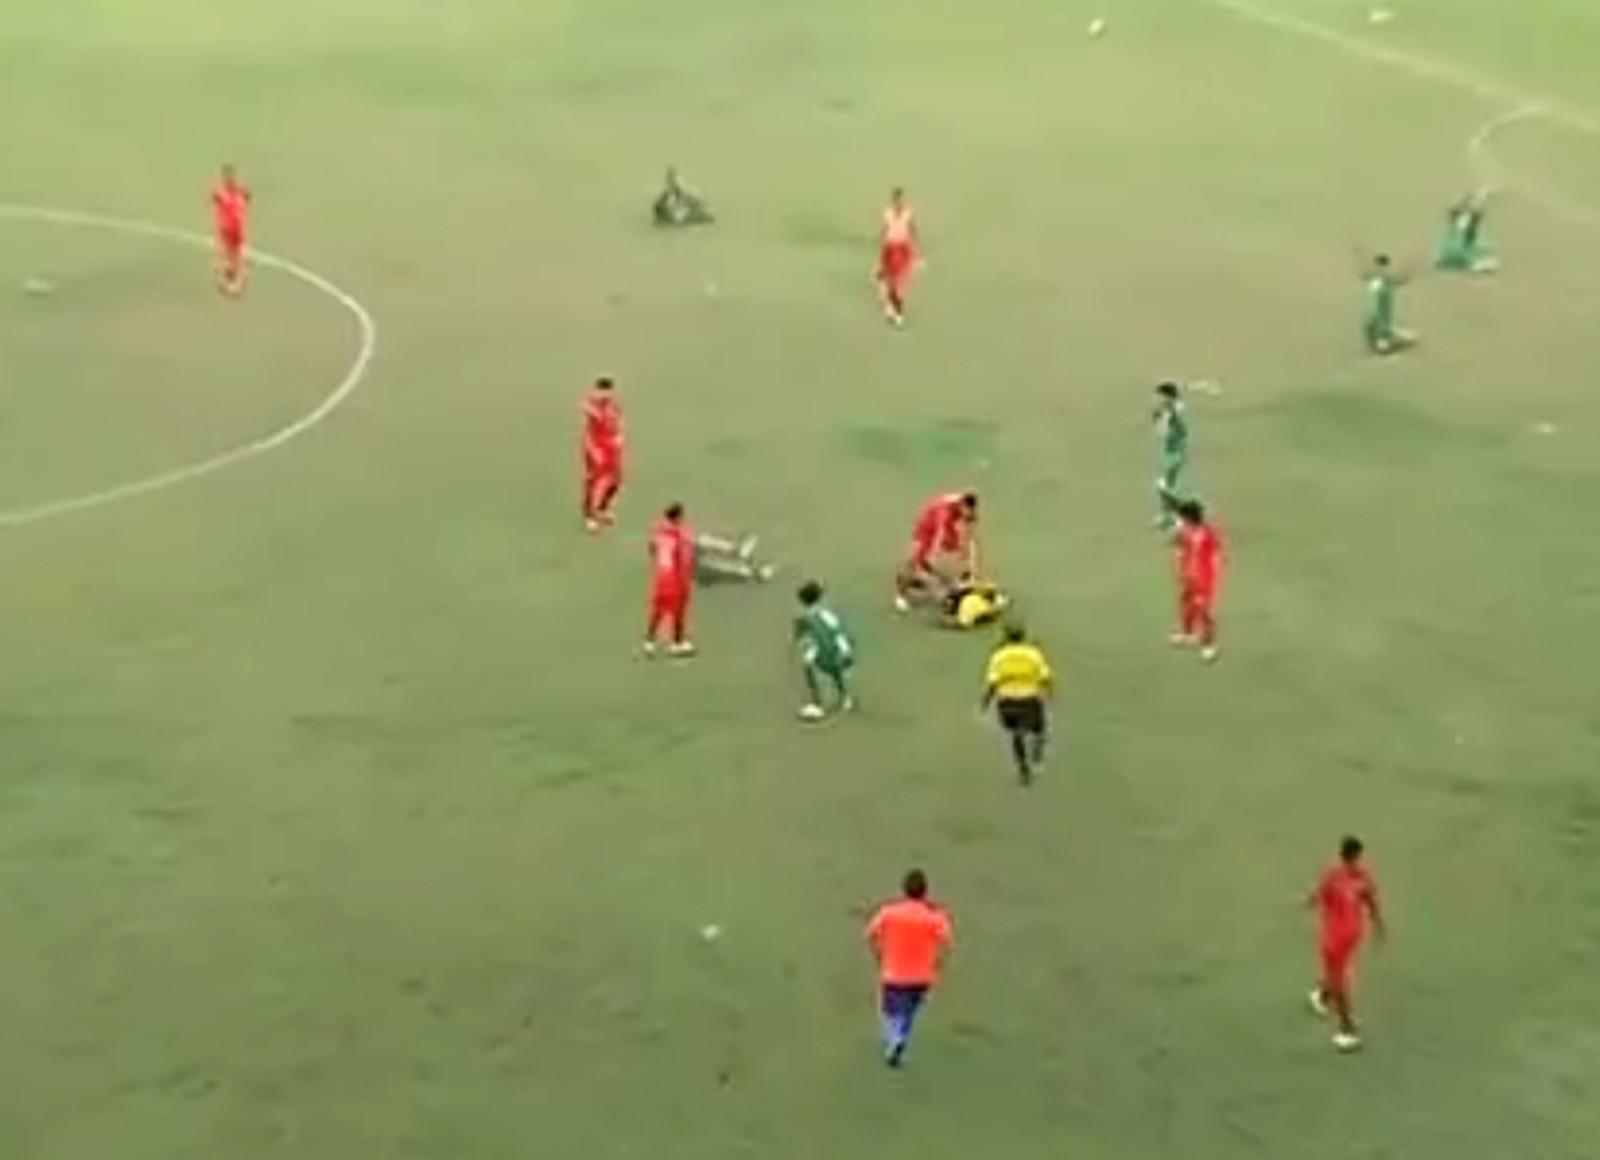 Em 4 anos são registrados 5 casos de agressão física contra árbitros no Tocantins